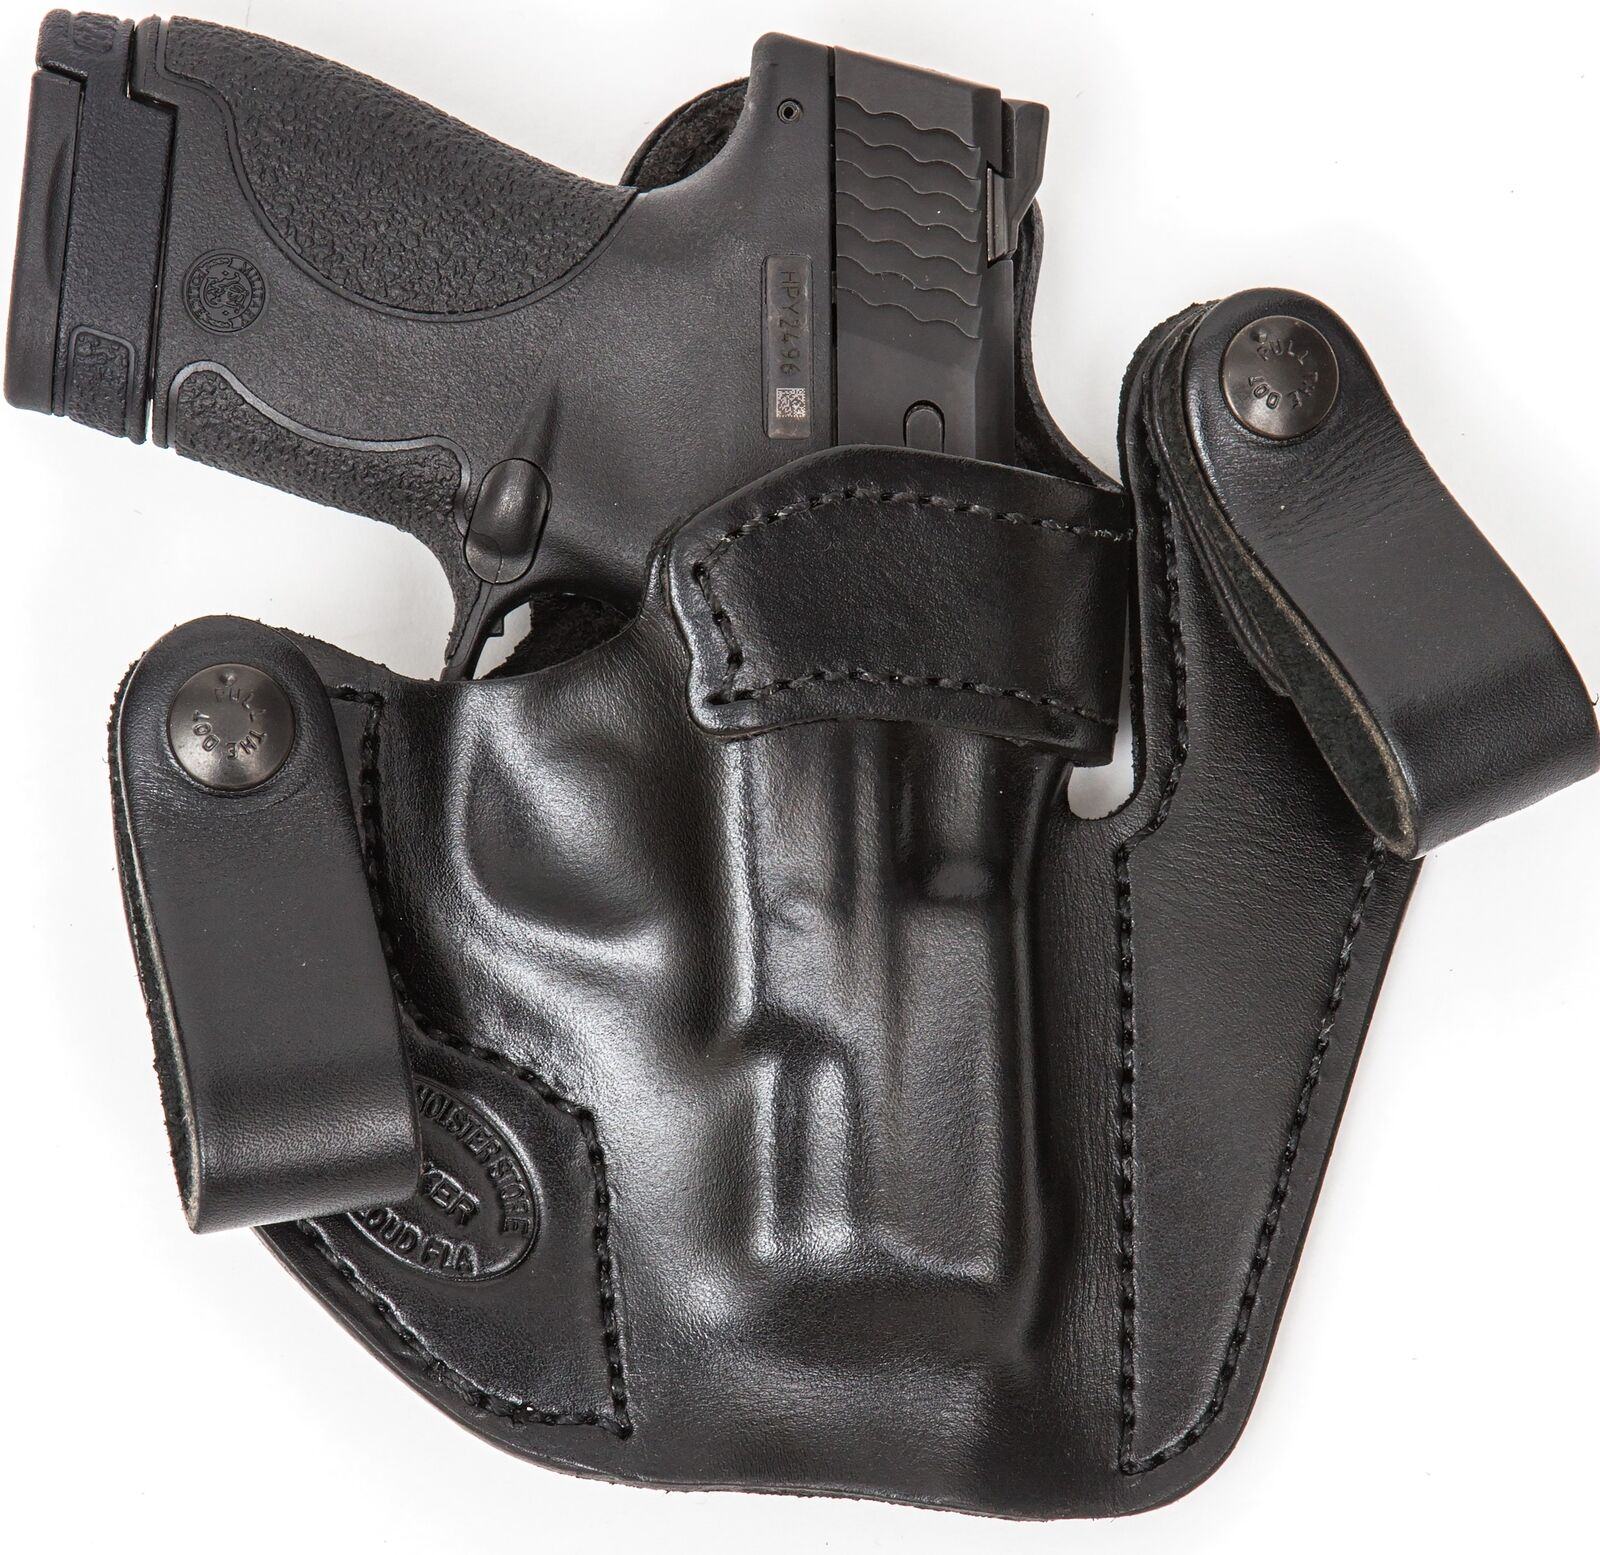 XTREME llevar RH LH dentro de la cintura de cuero Funda Pistola Para Colt Defender